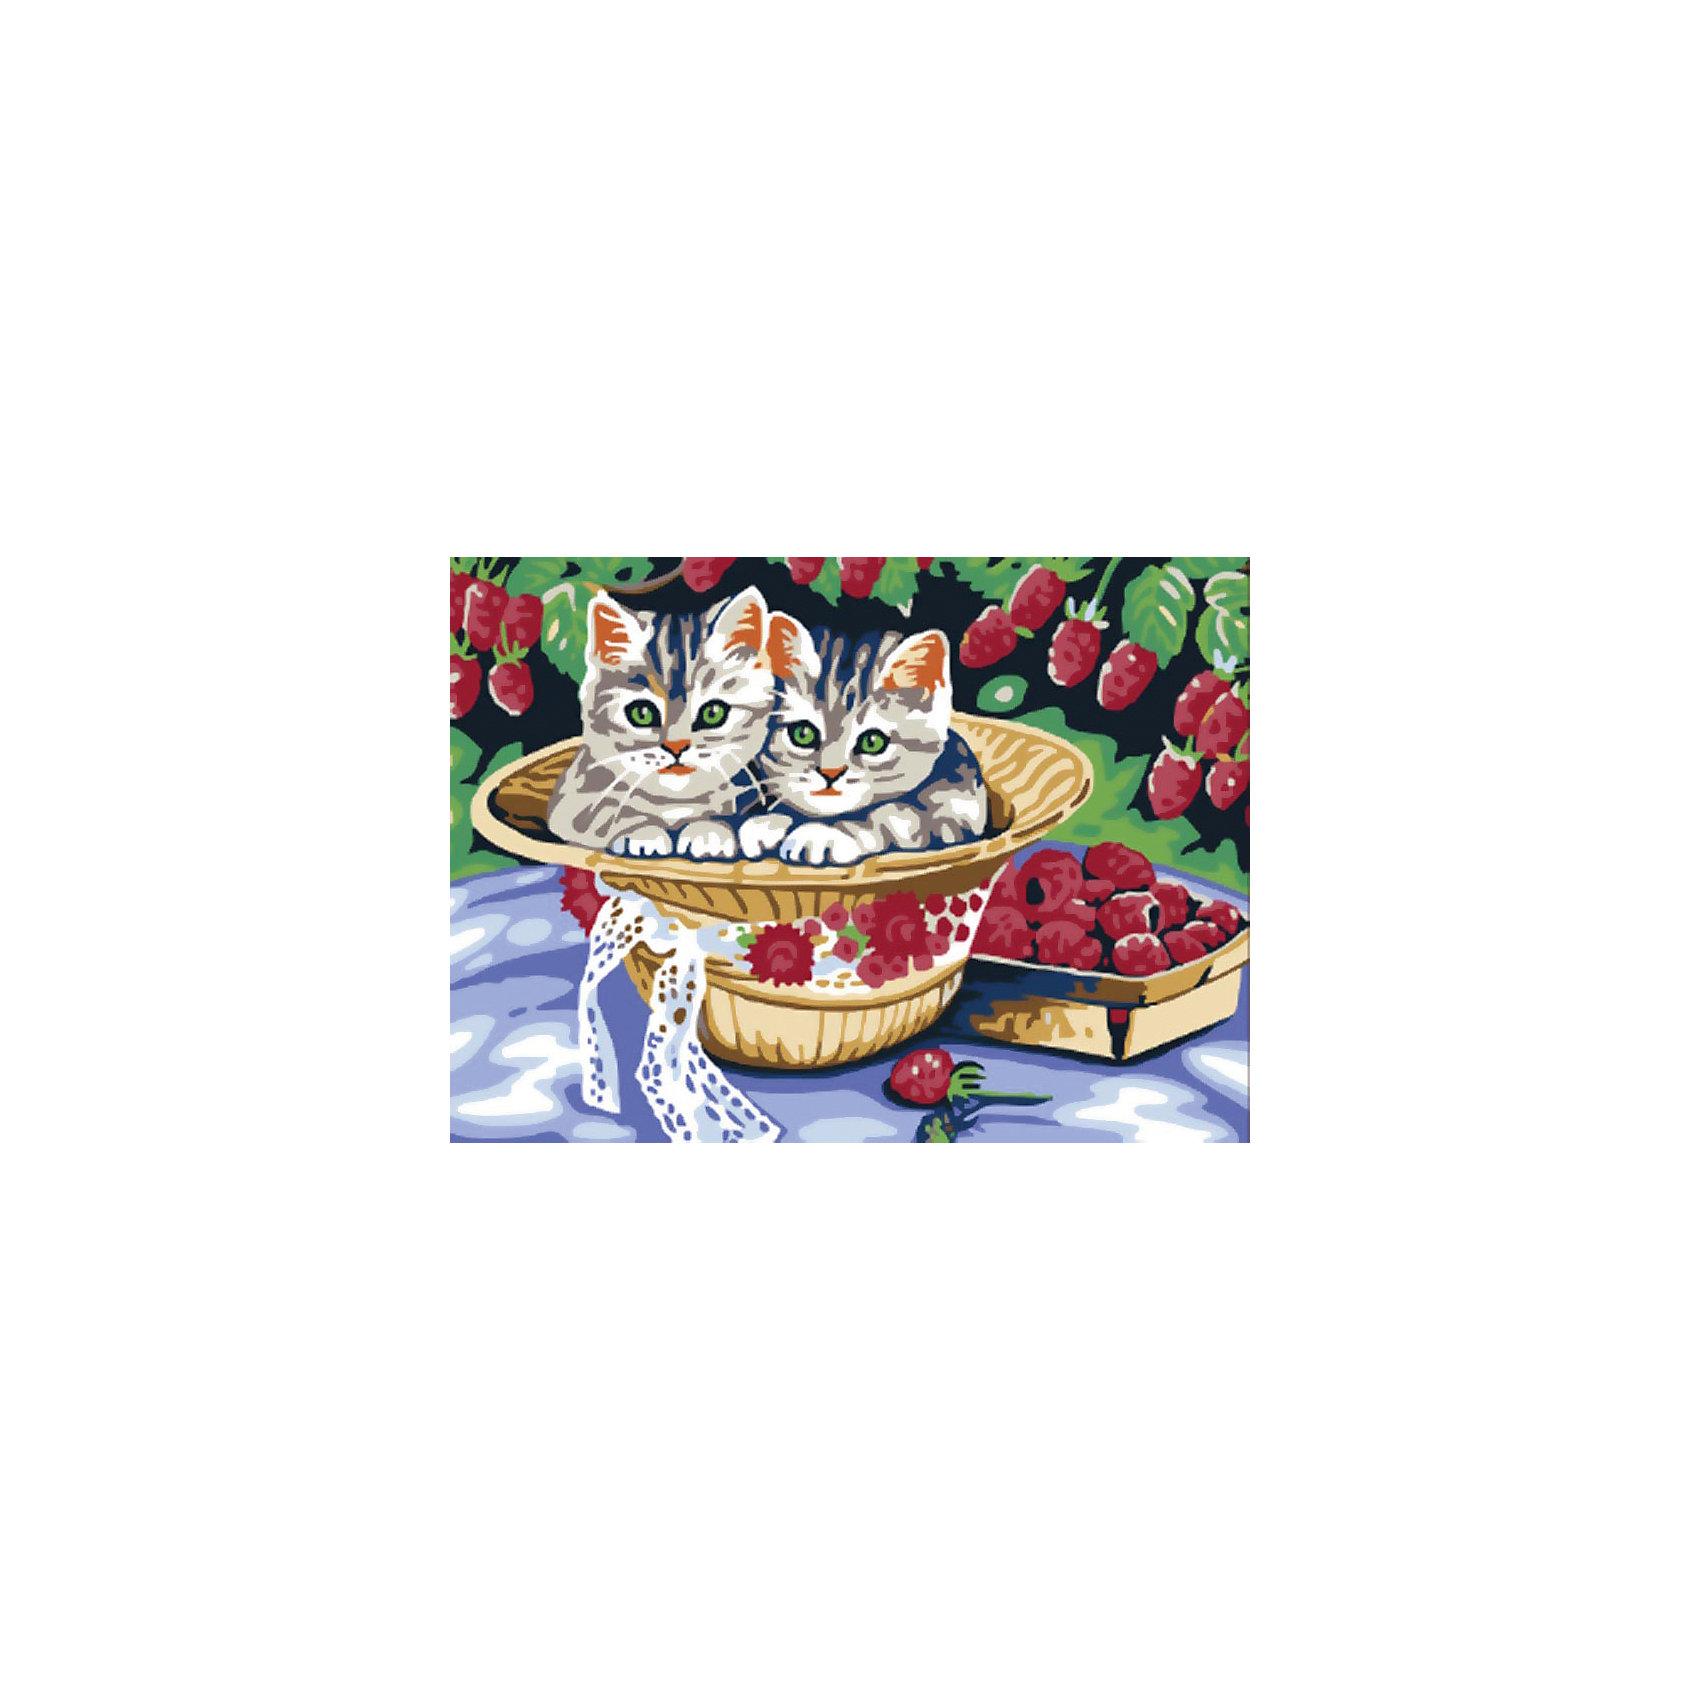 Живопись на холсте 30*40 см Котята в садуРисование<br>Характеристики товара:<br><br>• цвет: разноцветный<br>• материал: акрил, картон<br>• размер: 30 x 40 см<br>• комплектация: полотно на подрамнике с контурами рисунка, пробный лист с рисунком, набор акриловых красок, три кисти, крепление на стену для картины<br>• для детей от шести лет и взрослых<br>• не требует специальных навыков<br>• страна бренда: Китай<br>• страна изготовитель: Китай<br><br>Рисование - это занятие, которое любят многие дети и взрослые. Оно помогает развить важные навыки и просто приносит удовольствие! Чтобы вселить в ребенка уверенность в своих силах, можно предложить ему этот набор - в нем уже есть сюжет, контуры рисунка и участки с номерами, которые обозначают определенную краску из набора. Все оттенки уже готовы, задача художника - аккуратно, с помощью кисточек из набора, нанести краски на определенный участок полотна.<br>Взрослым также понравится этот процесс, рисовать можно и вместе с малышом! В итоге получается красивая картина, которой можно украсить интерьер. Рисование способствует развитию мелкой моторики, воображения, цветовосприятия, творческих способностей и усидчивости. Набор отлично проработан, сделан из качественных и проверенных материалов, которые безопасны для детей. Краски - акриловые, они быстро сохнут и легко смываются с кожи.<br><br>Живопись на холсте 30*40 см Котята в саду от торговой марки Белоснежка можно купить в нашем интернет-магазине.<br><br>Ширина мм: 410<br>Глубина мм: 310<br>Высота мм: 25<br>Вес г: 567<br>Возраст от месяцев: 72<br>Возраст до месяцев: 144<br>Пол: Унисекс<br>Возраст: Детский<br>SKU: 5089634